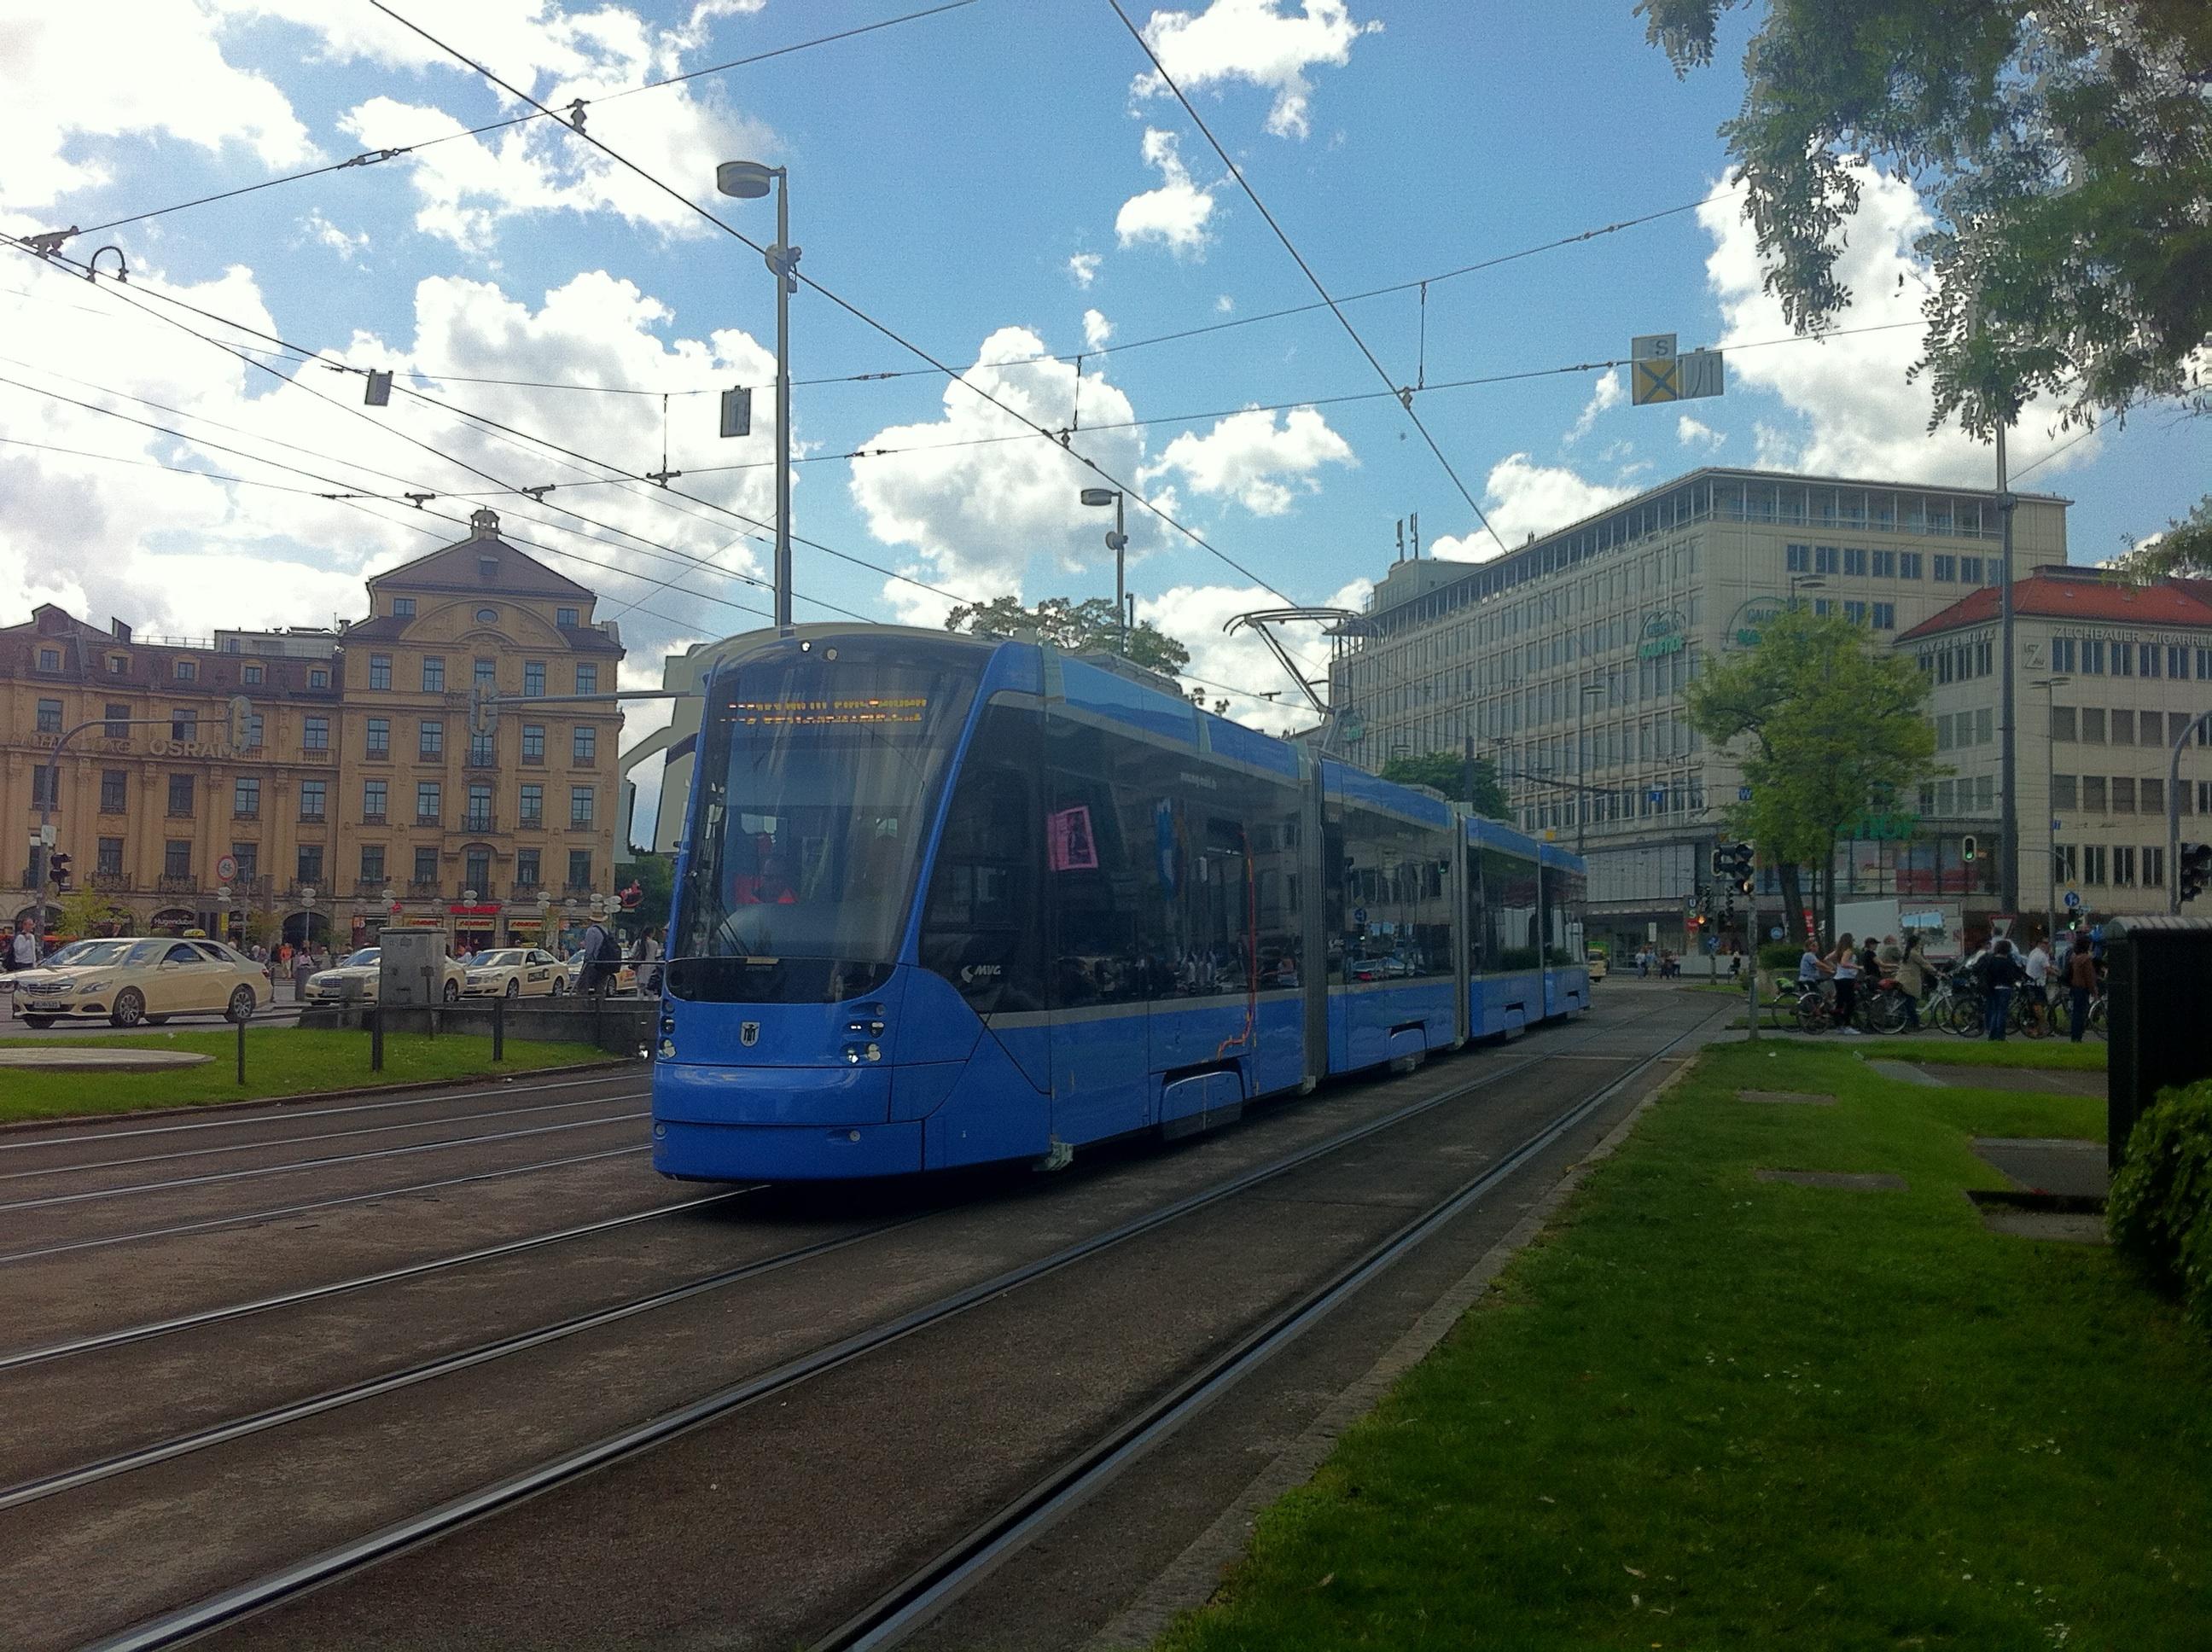 Avenio 2804 verlässt den Karlsplatz (Stachus) Richtung Schwabing